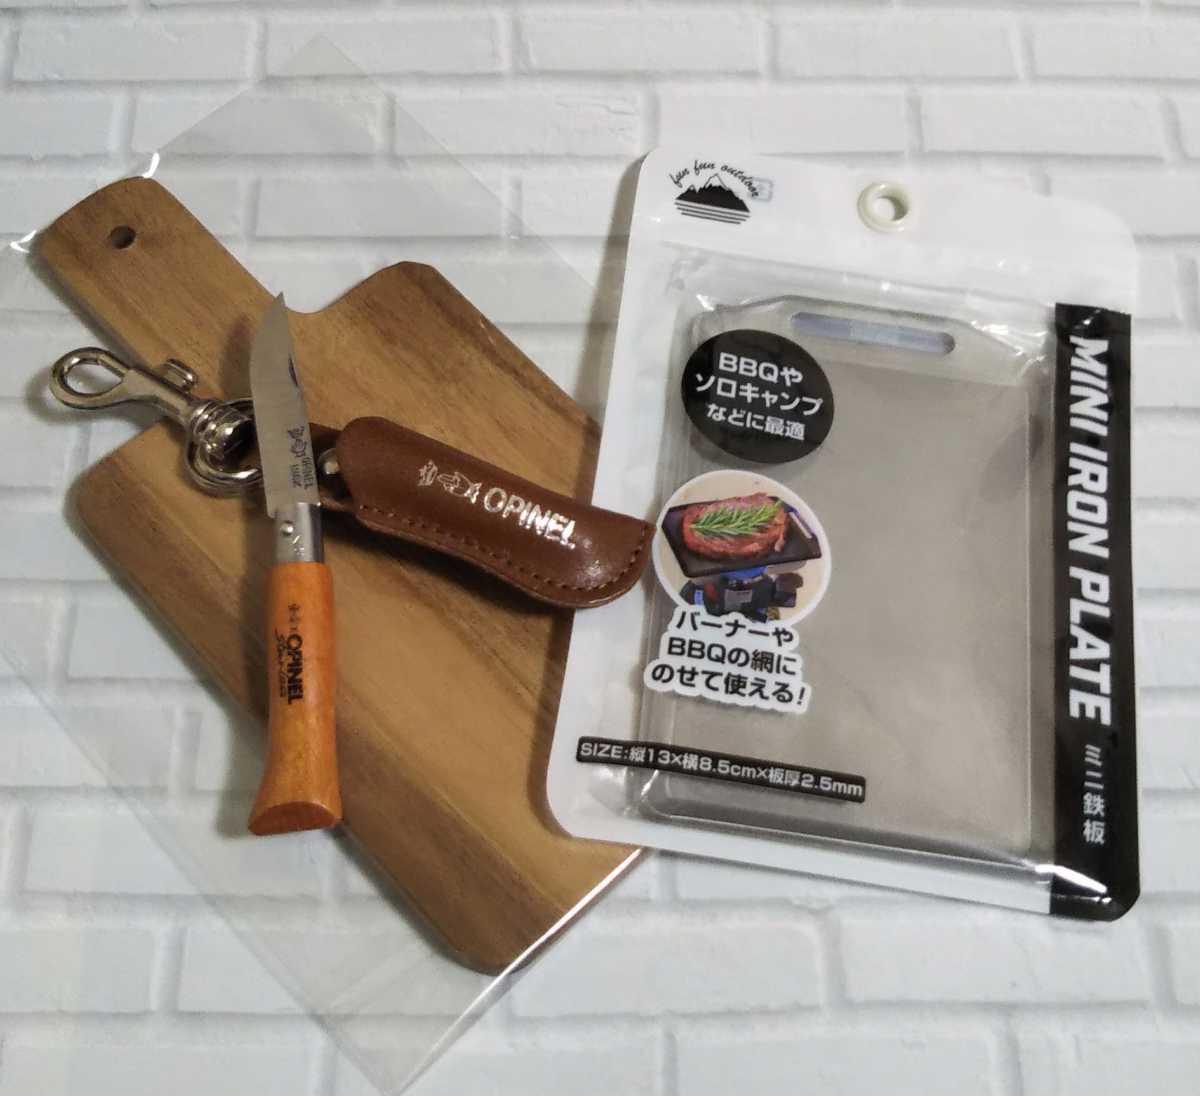 オピネルステンレスナイフNo4スナップホルダー茶革ケース付とサービングボードとミニ鉄板のセット